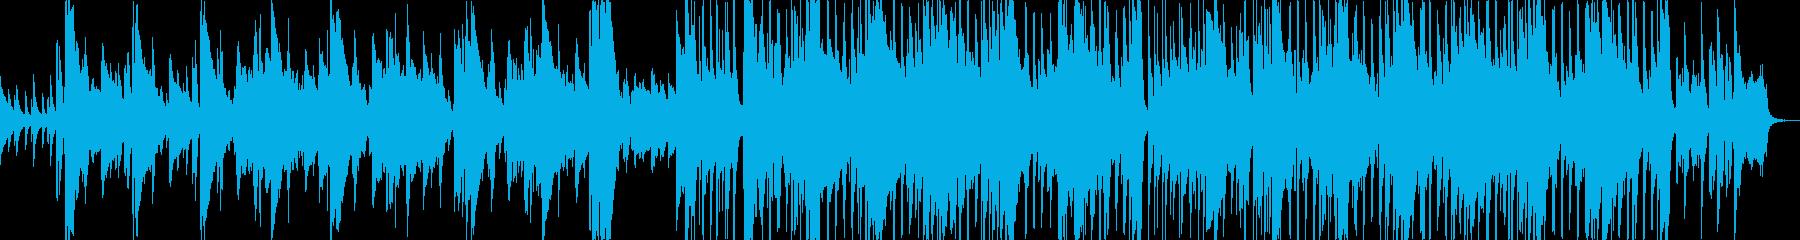 こそこそ忍び込む ピンクパンサーパロディの再生済みの波形